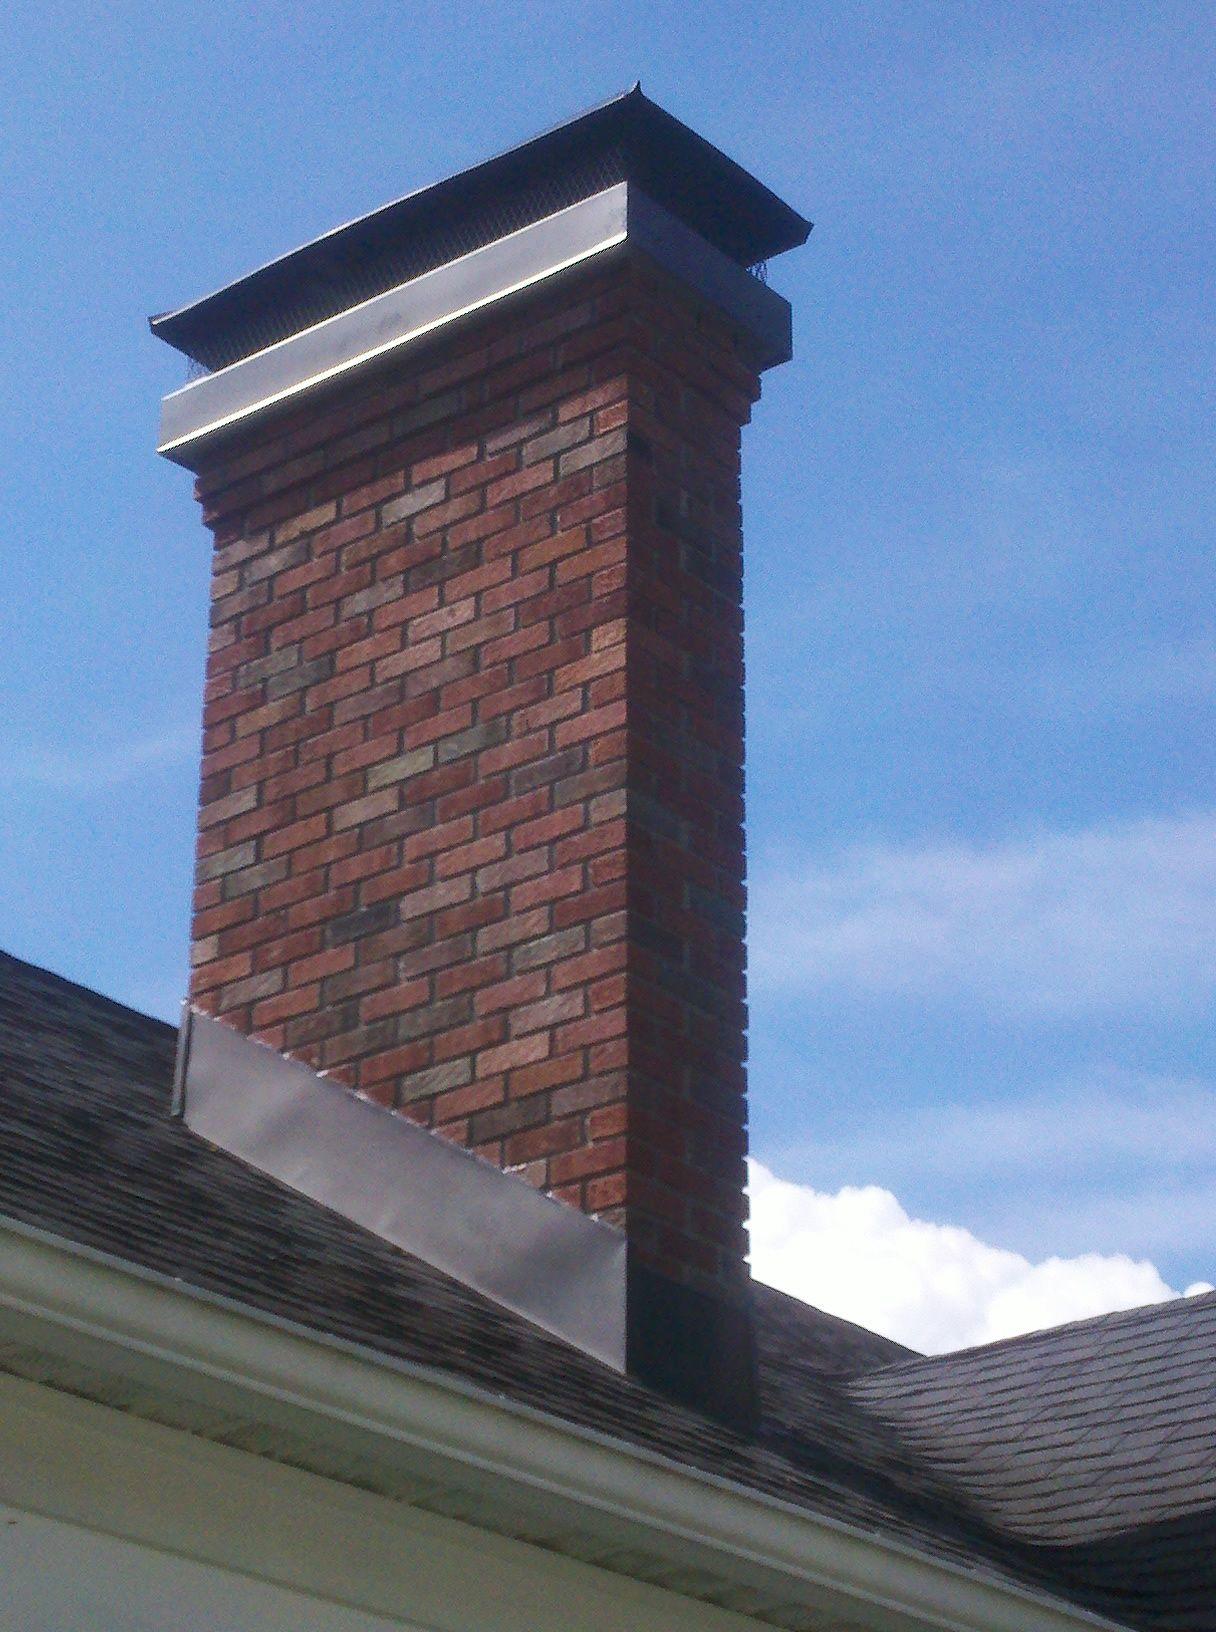 Brick Chimney Caps For Chimneys : Brick chimney cap chimneys cny